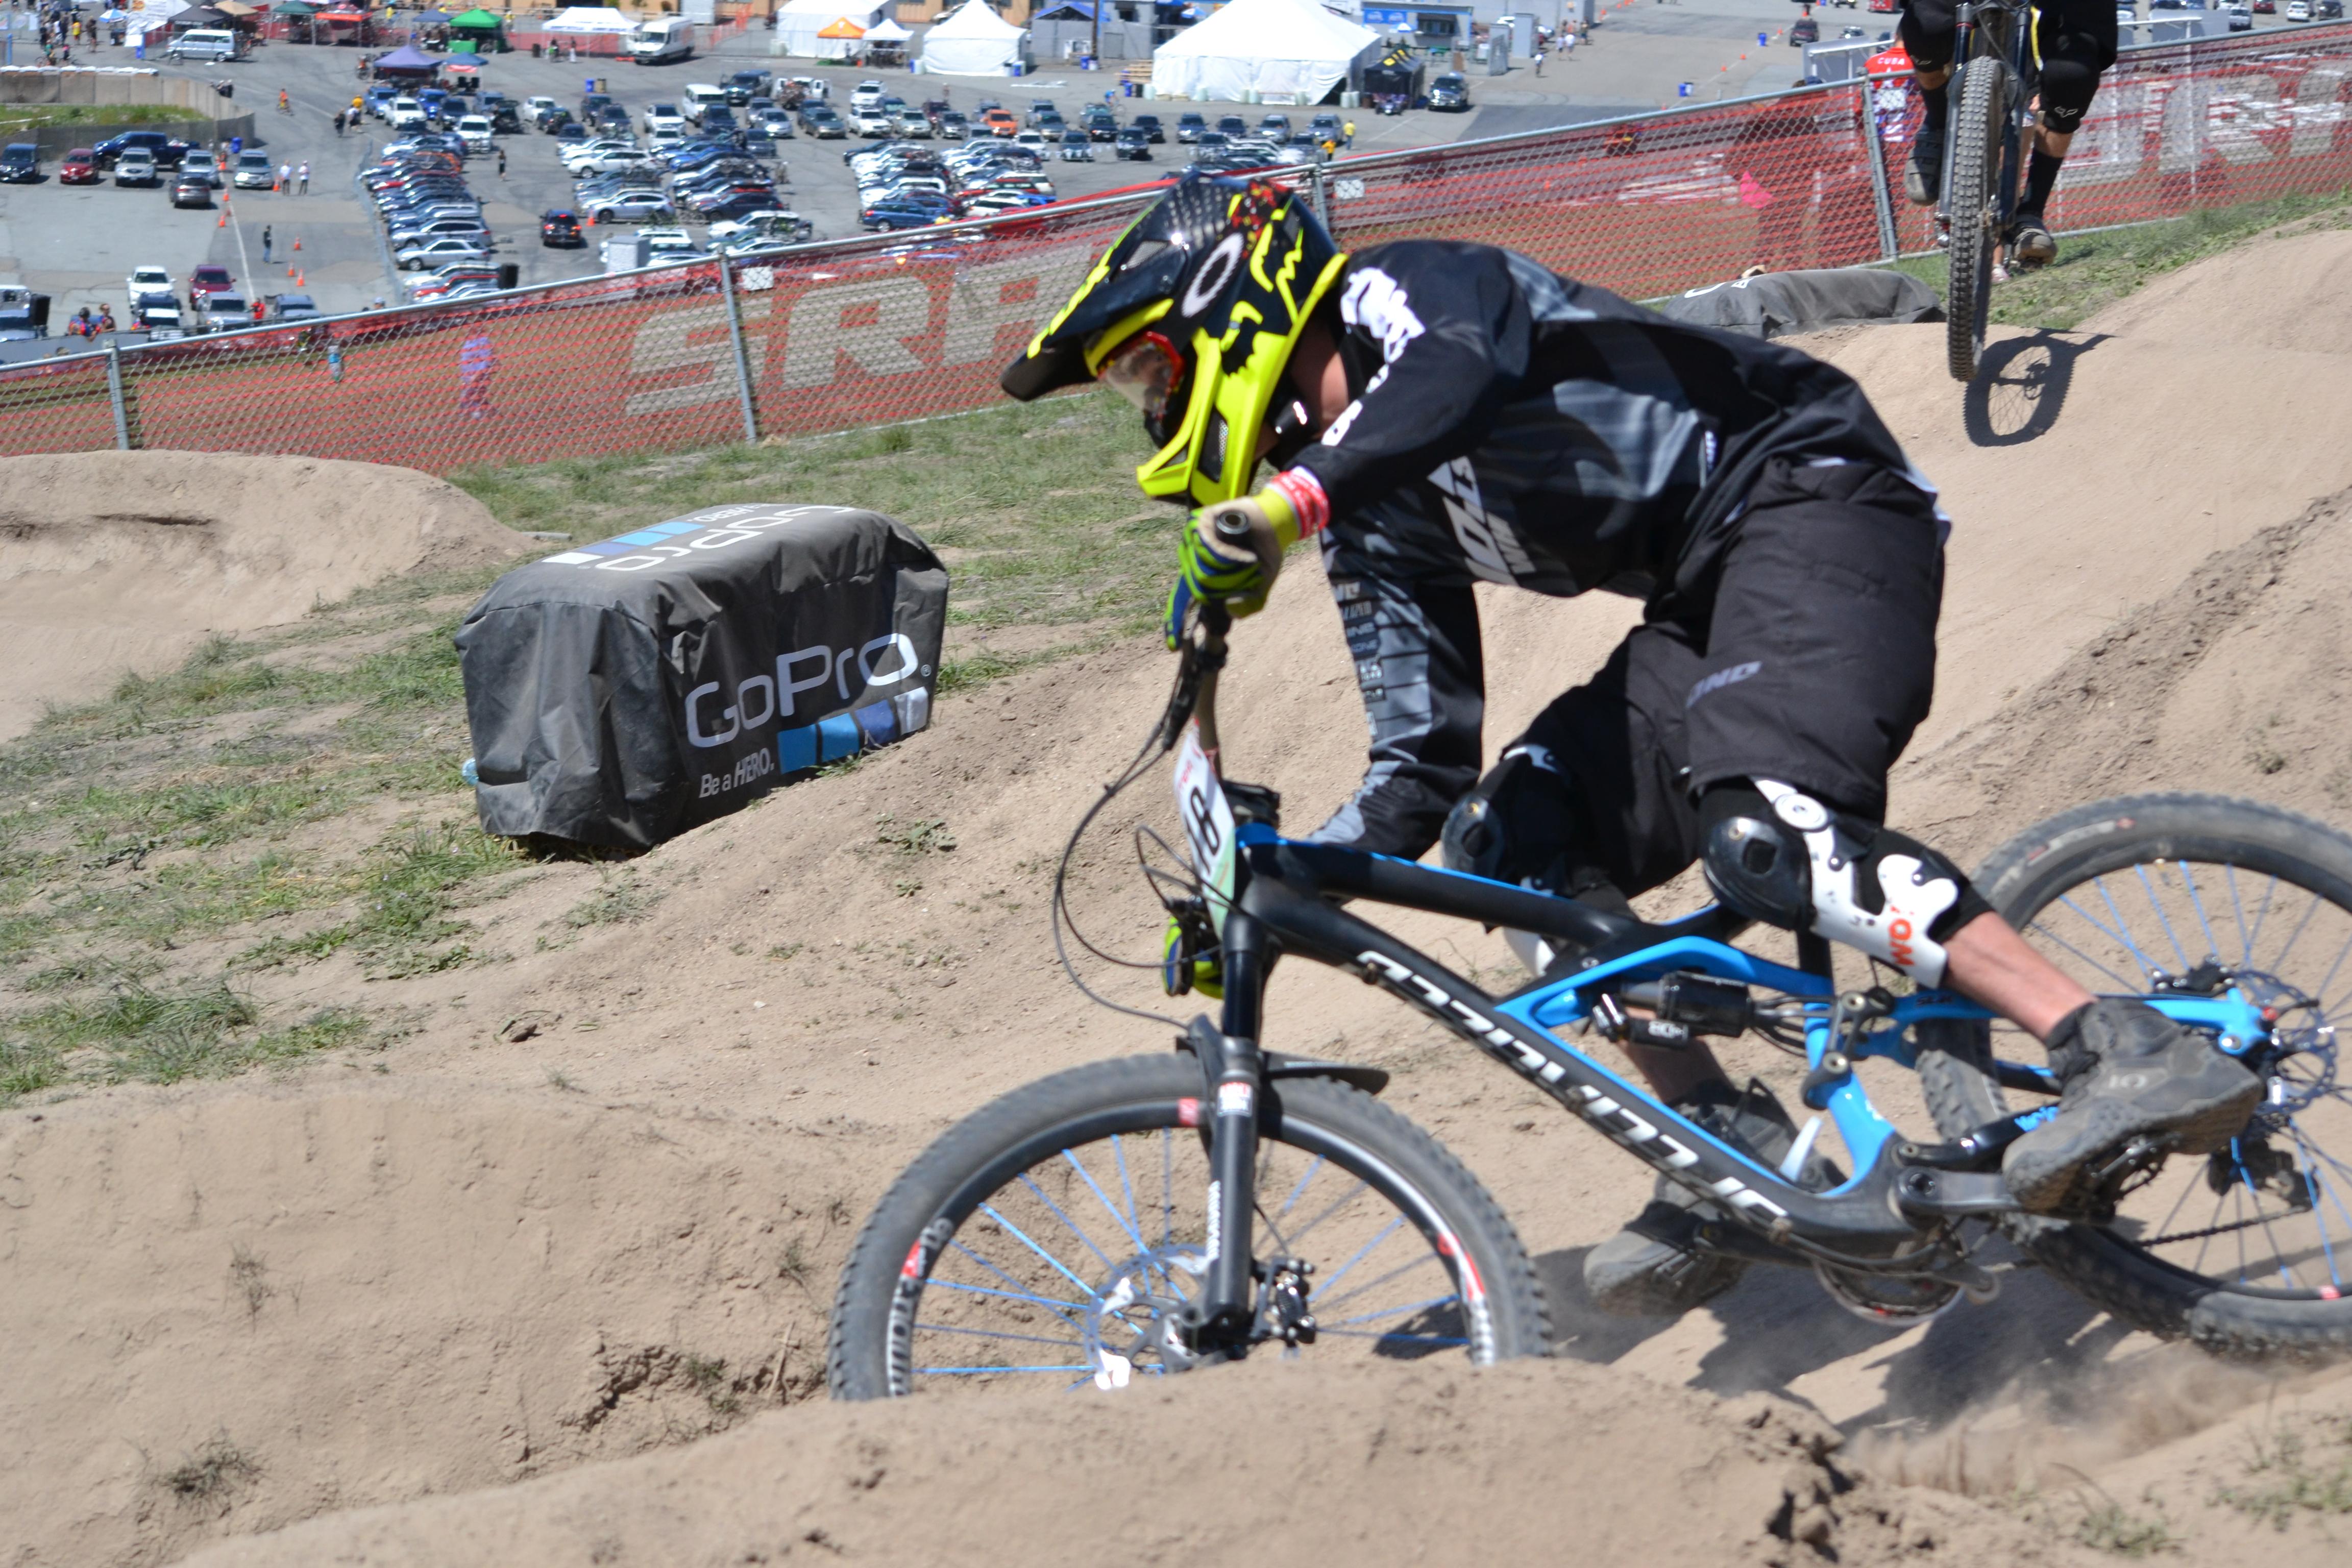 http://cycleshop-fun.com/images/DSC_0131.JPG